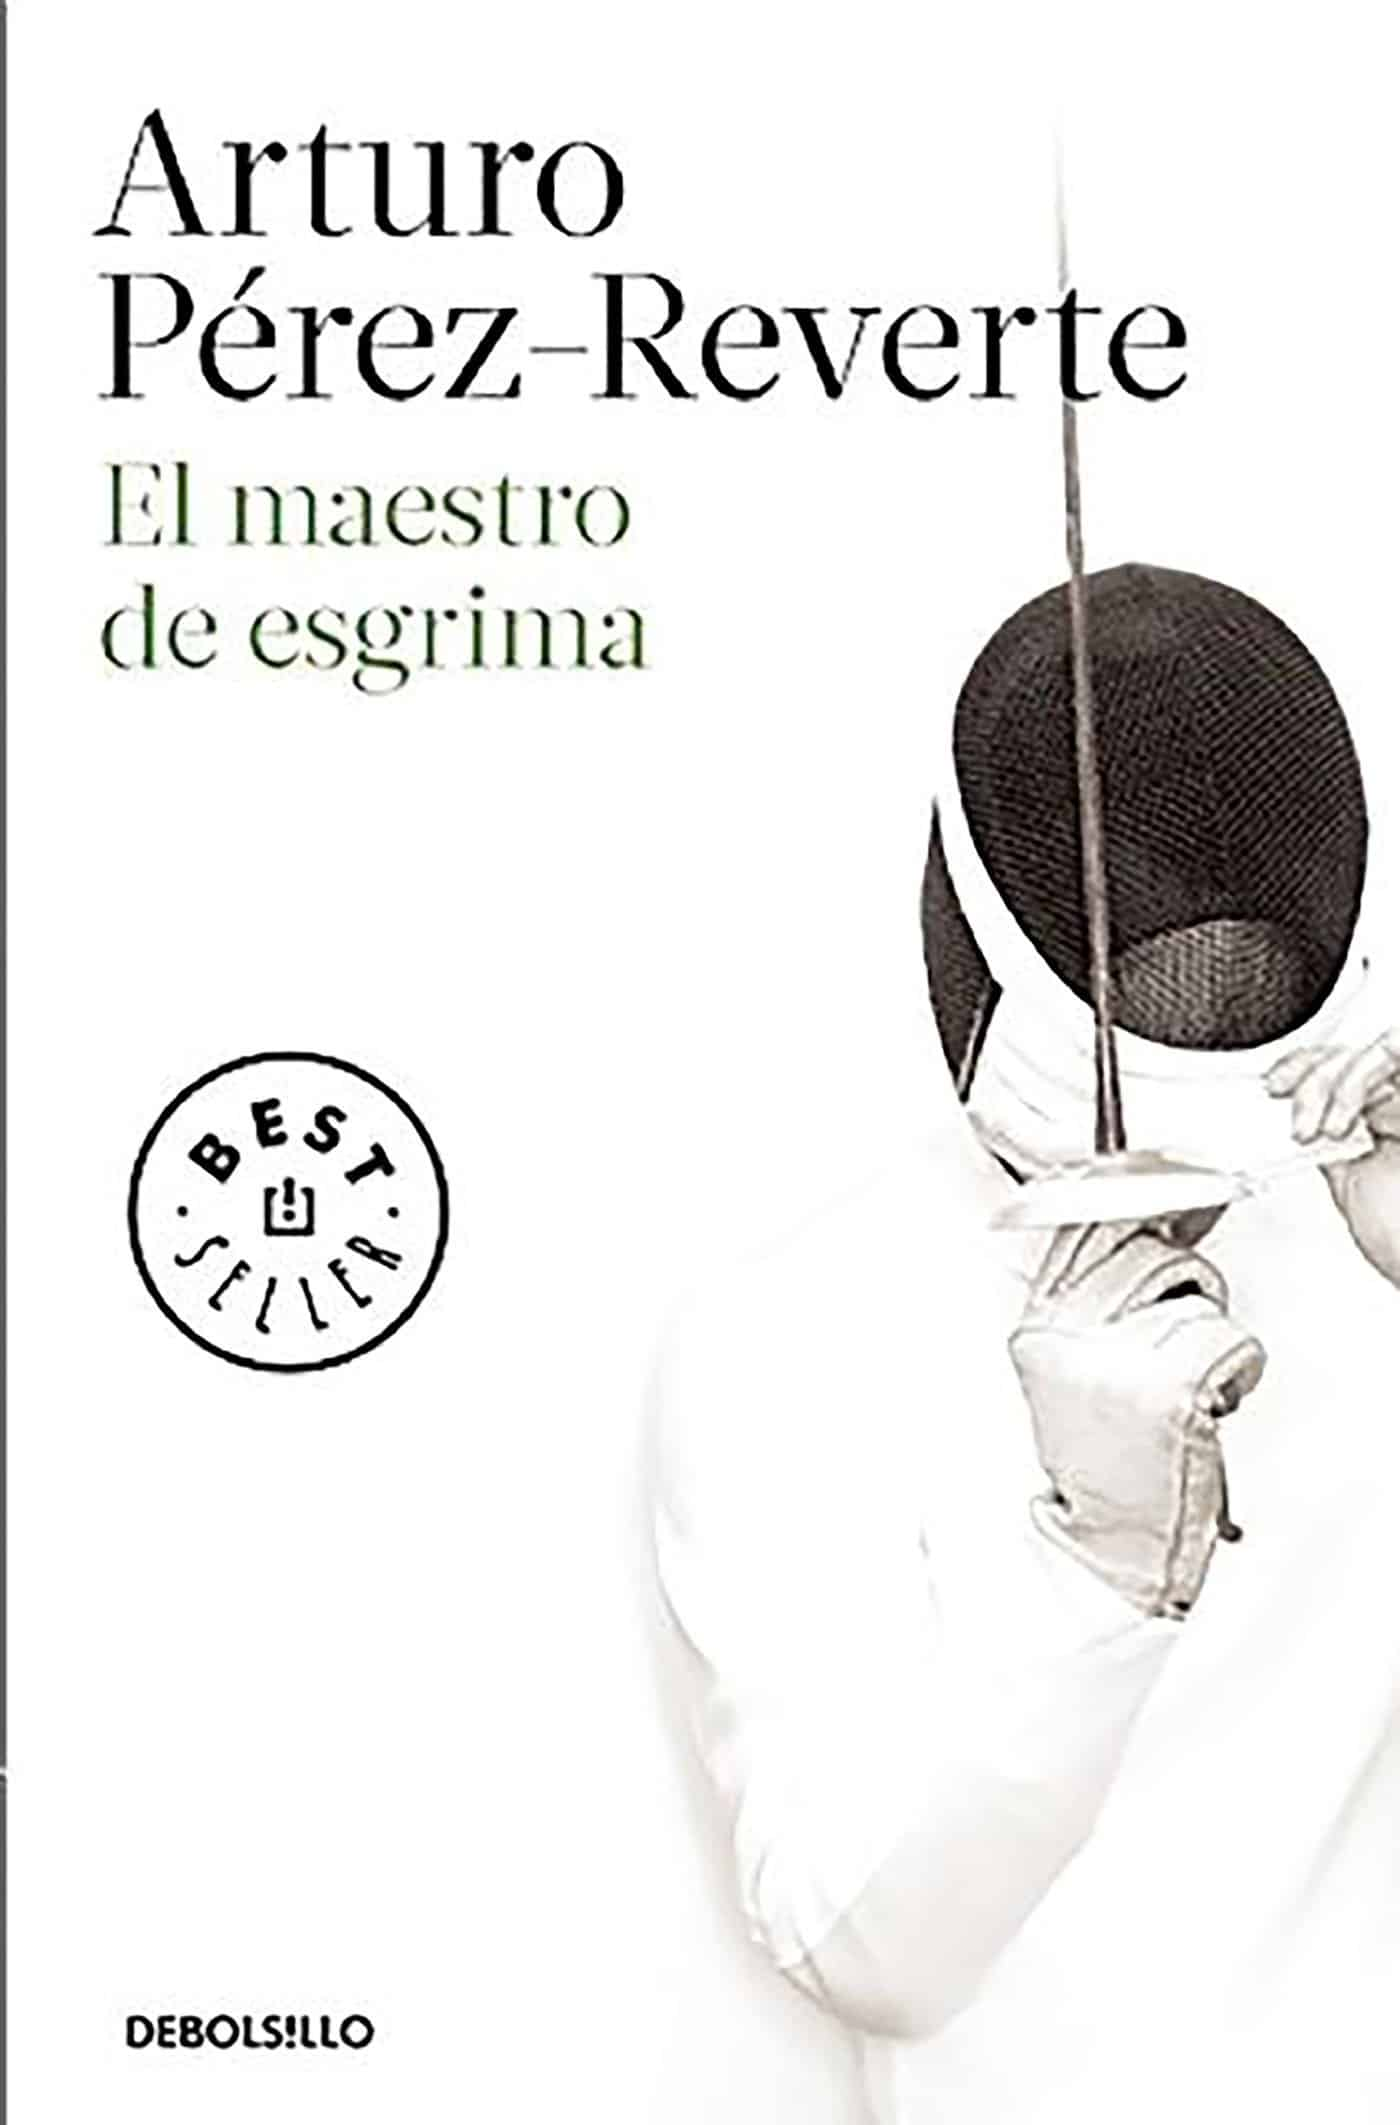 """Portada del libro """"El maestro de esgrima"""" de Arturo Pérez-Reverte"""